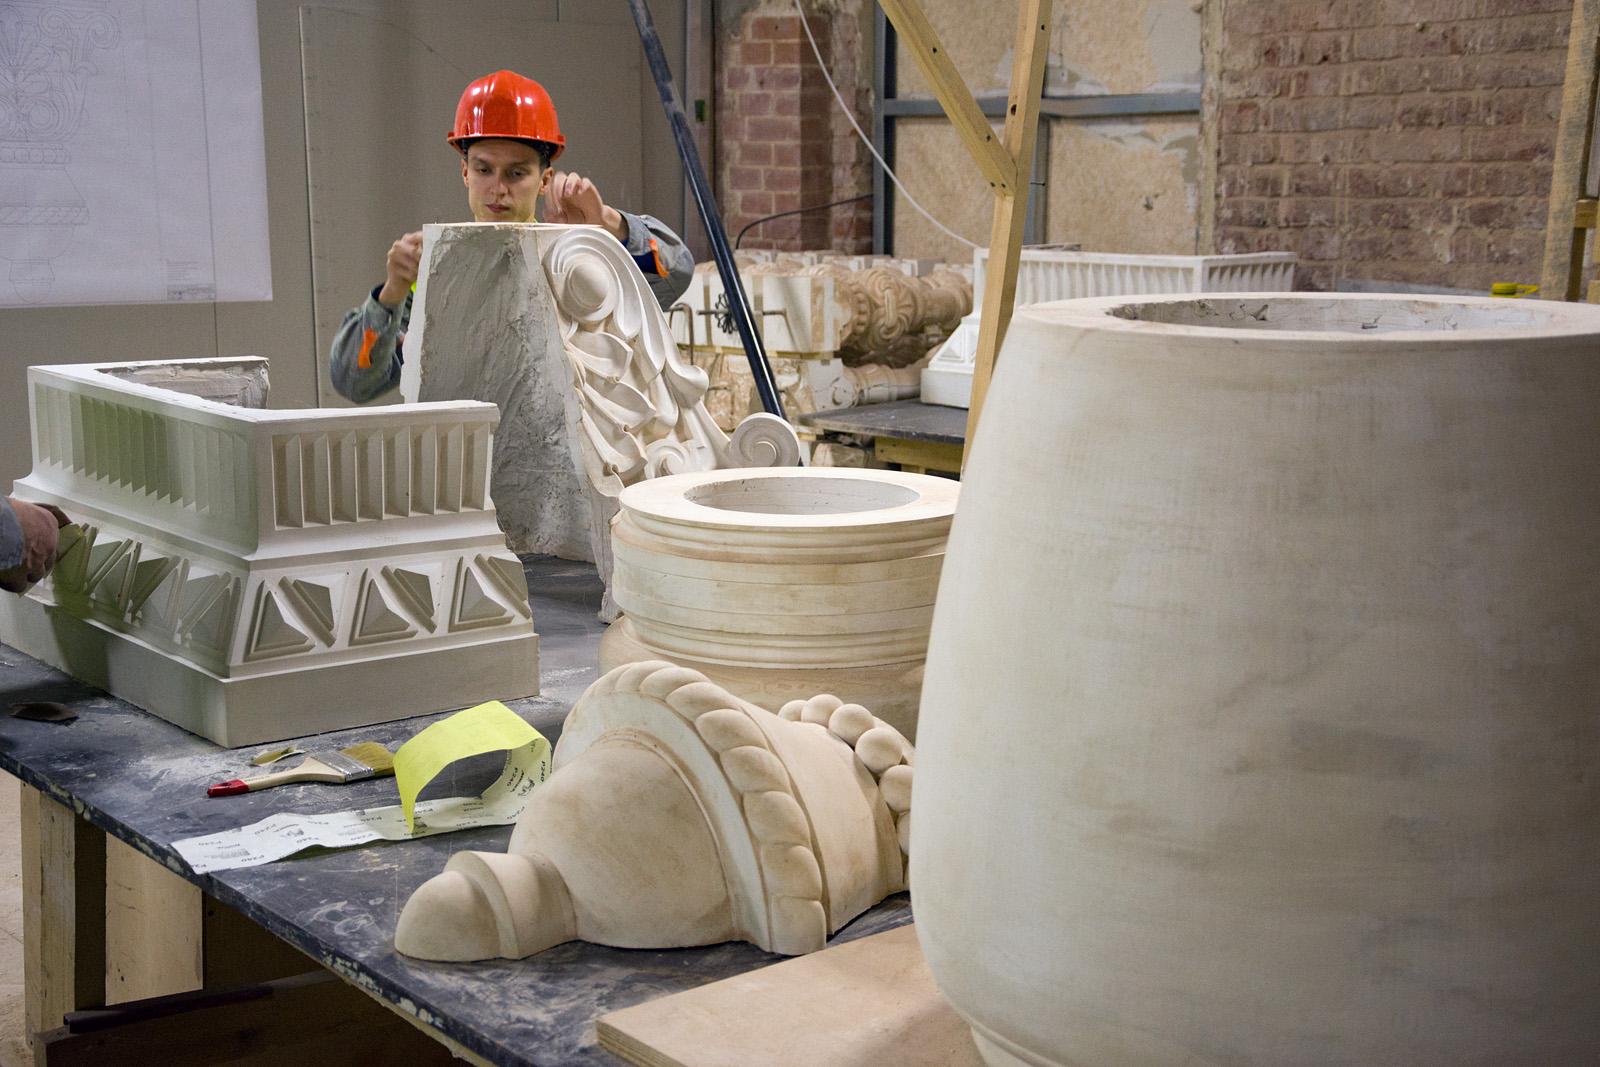 Как идёт реконструкция Политехнического музея? Часть 1 - 35